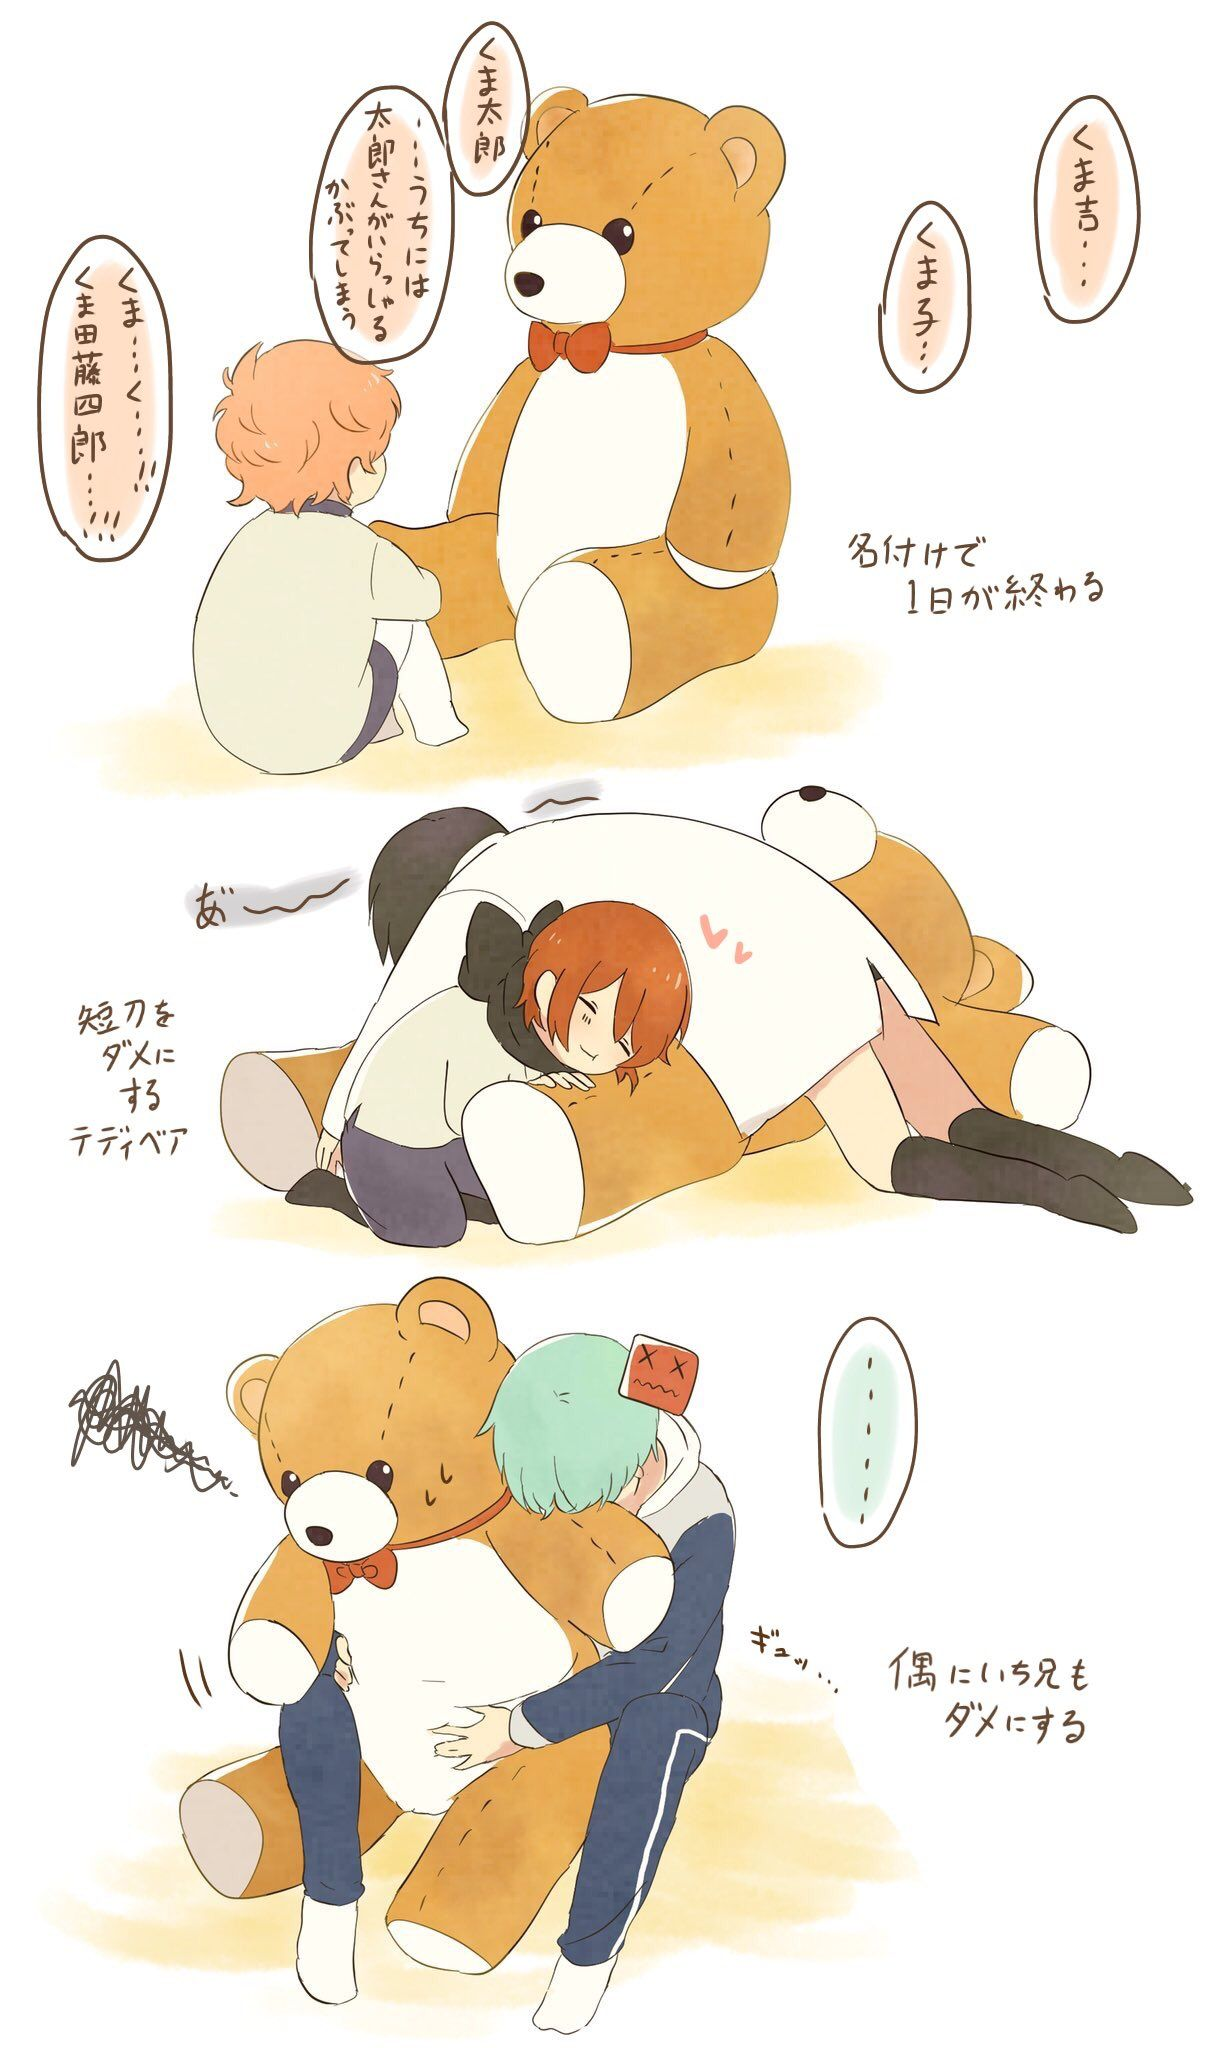 白色より on twitter touken ranbu kirito anime fanart